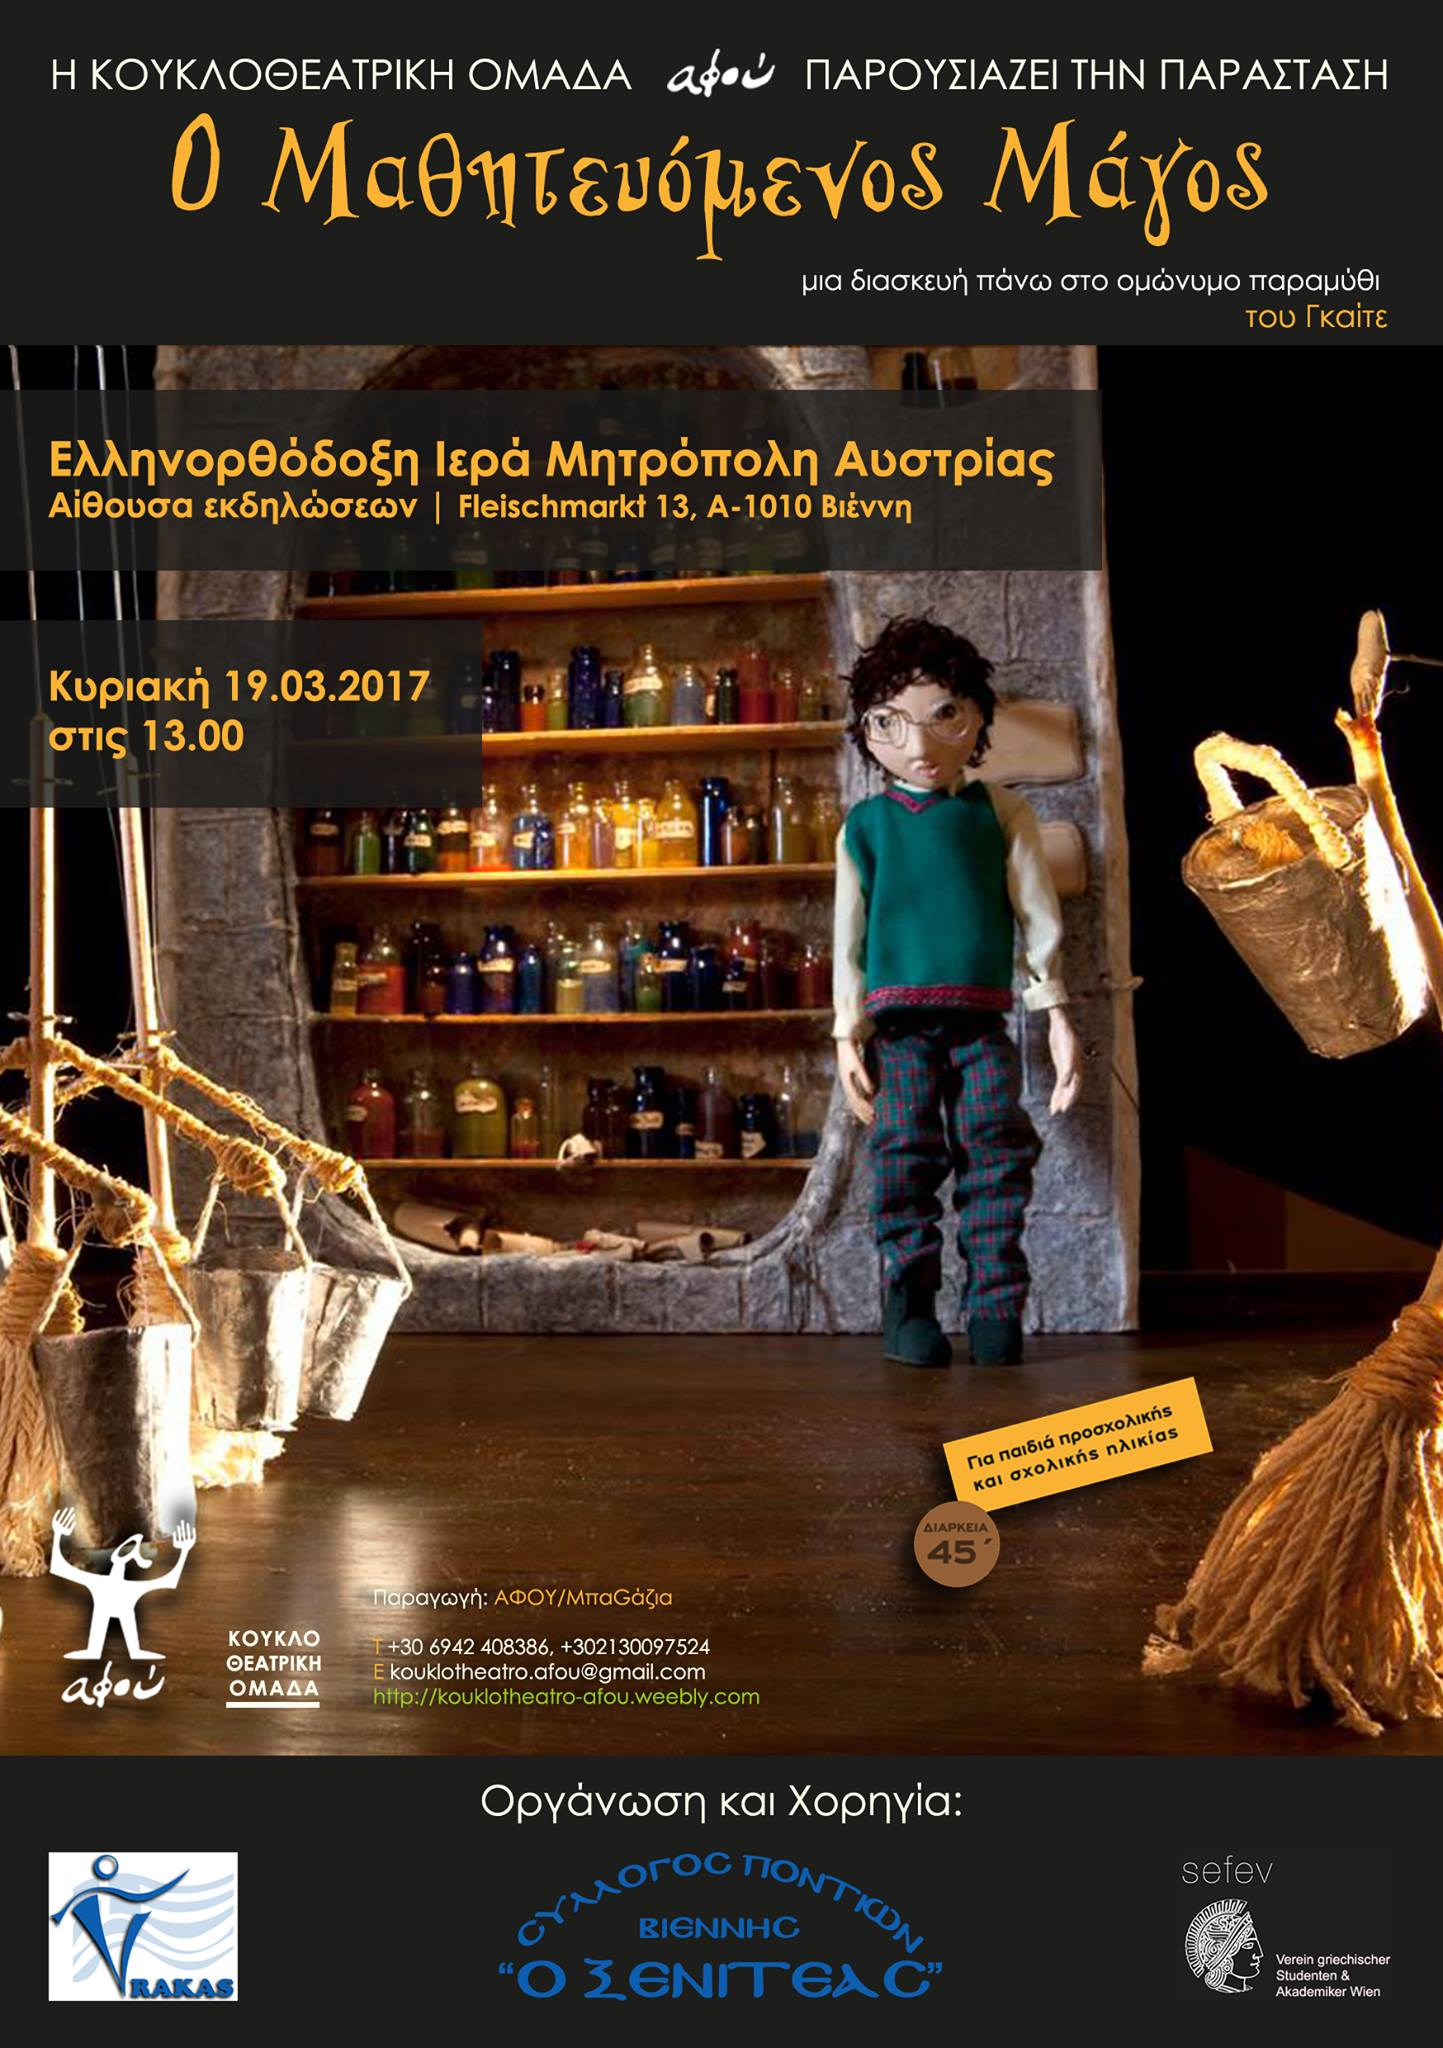 Ελληνόγλωσσο κουκλοθέατρο στη Βιέννη – Ο Μαθητευόμενος Μάγος